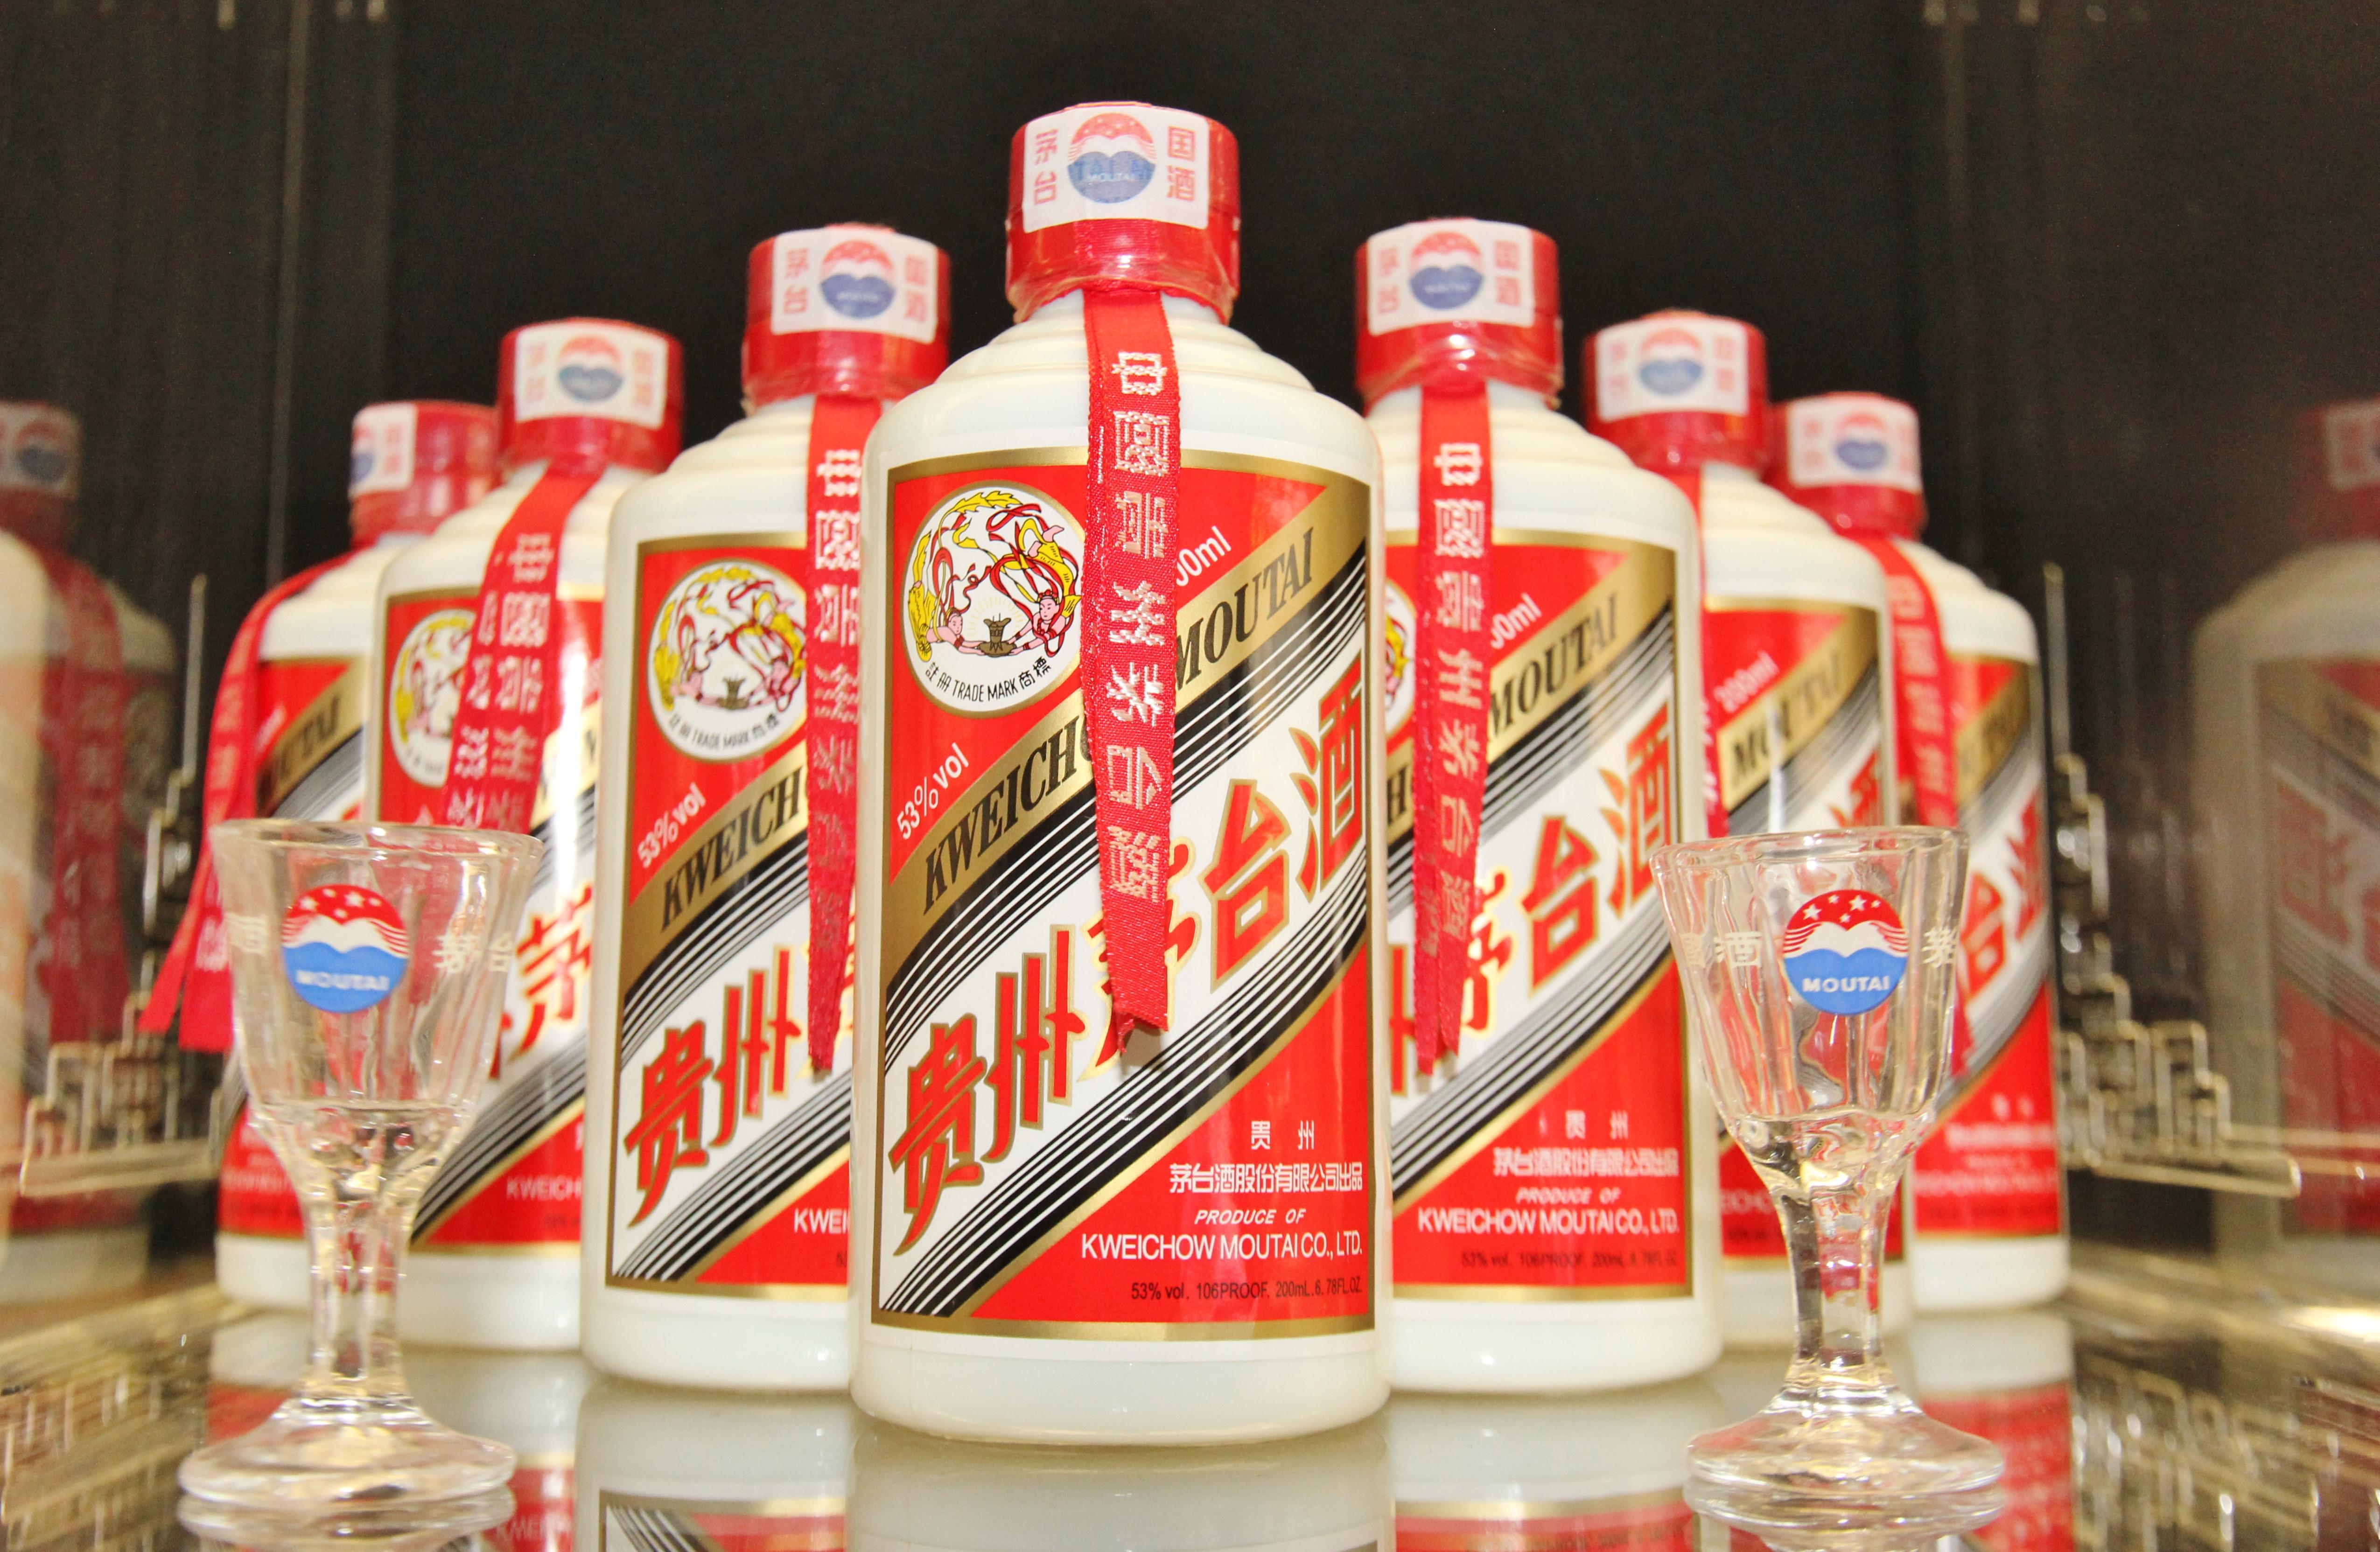 Johnnie Walker уступил статус самого дорогого алкогольного бренда китайскому Moutai